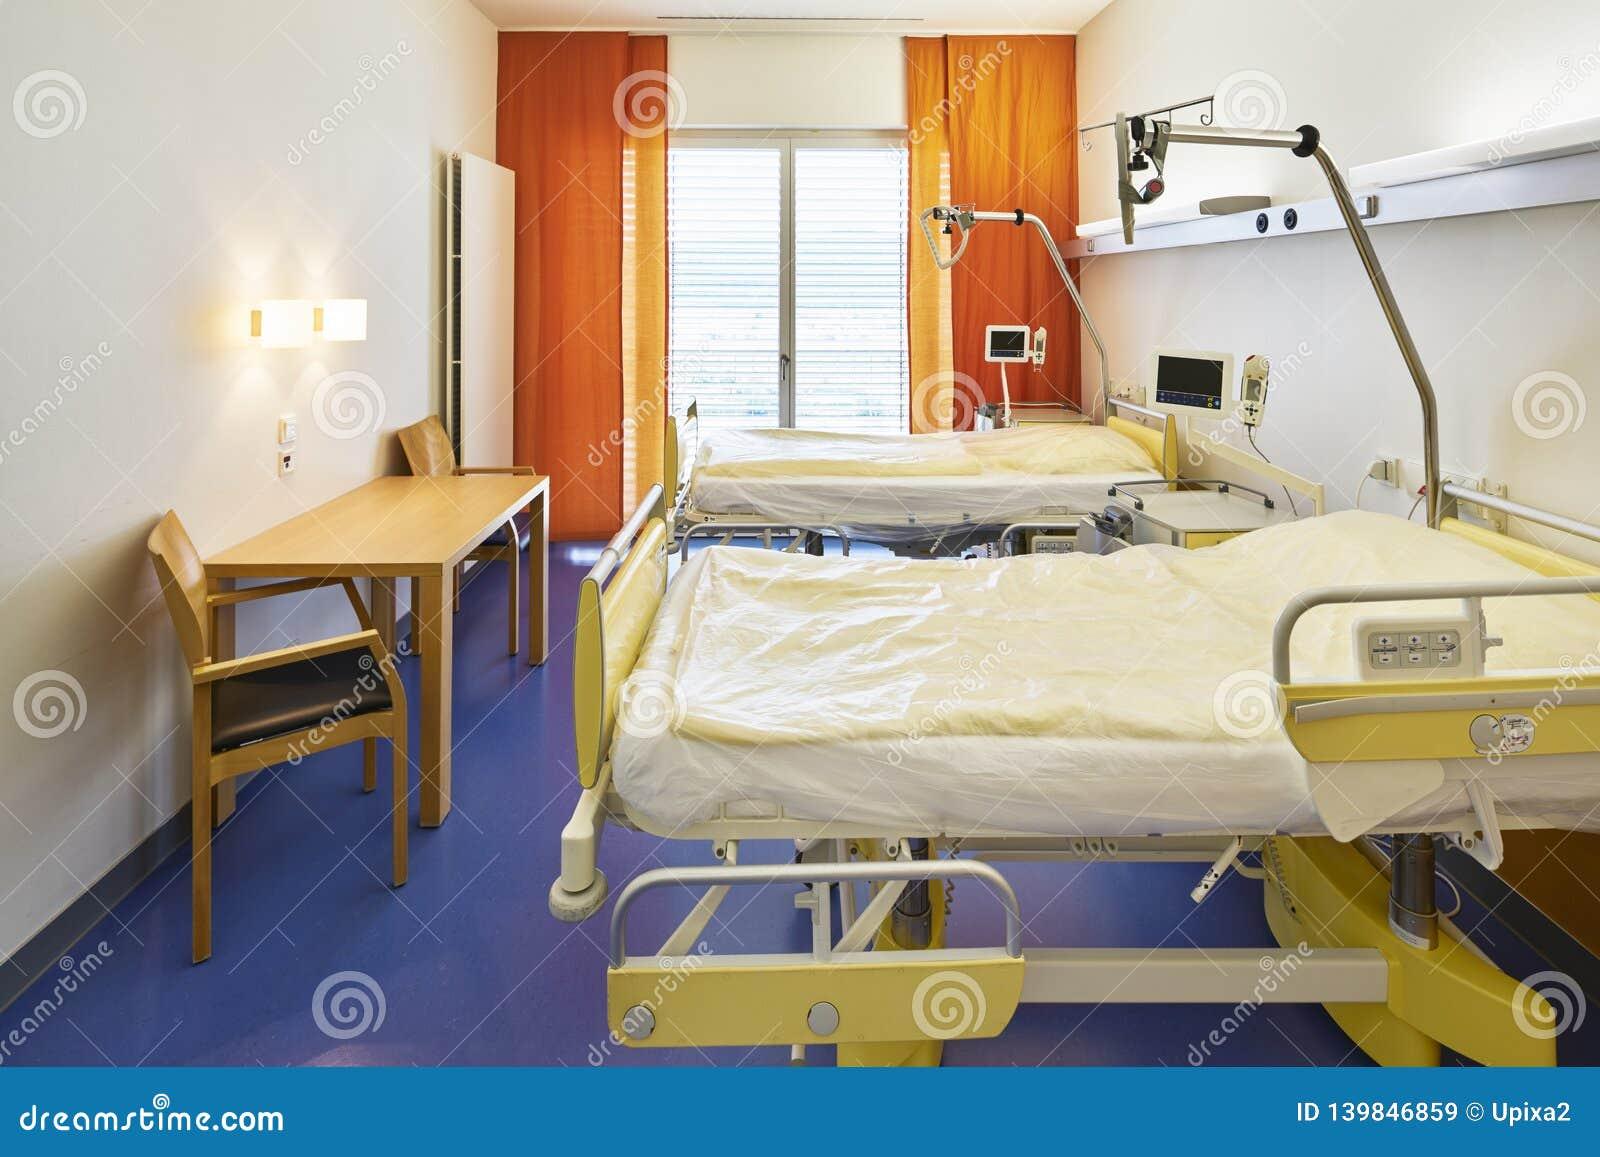 Camera Da Letto In Prospettiva Centrale prospettiva centrale del letto di ospedale della stanza